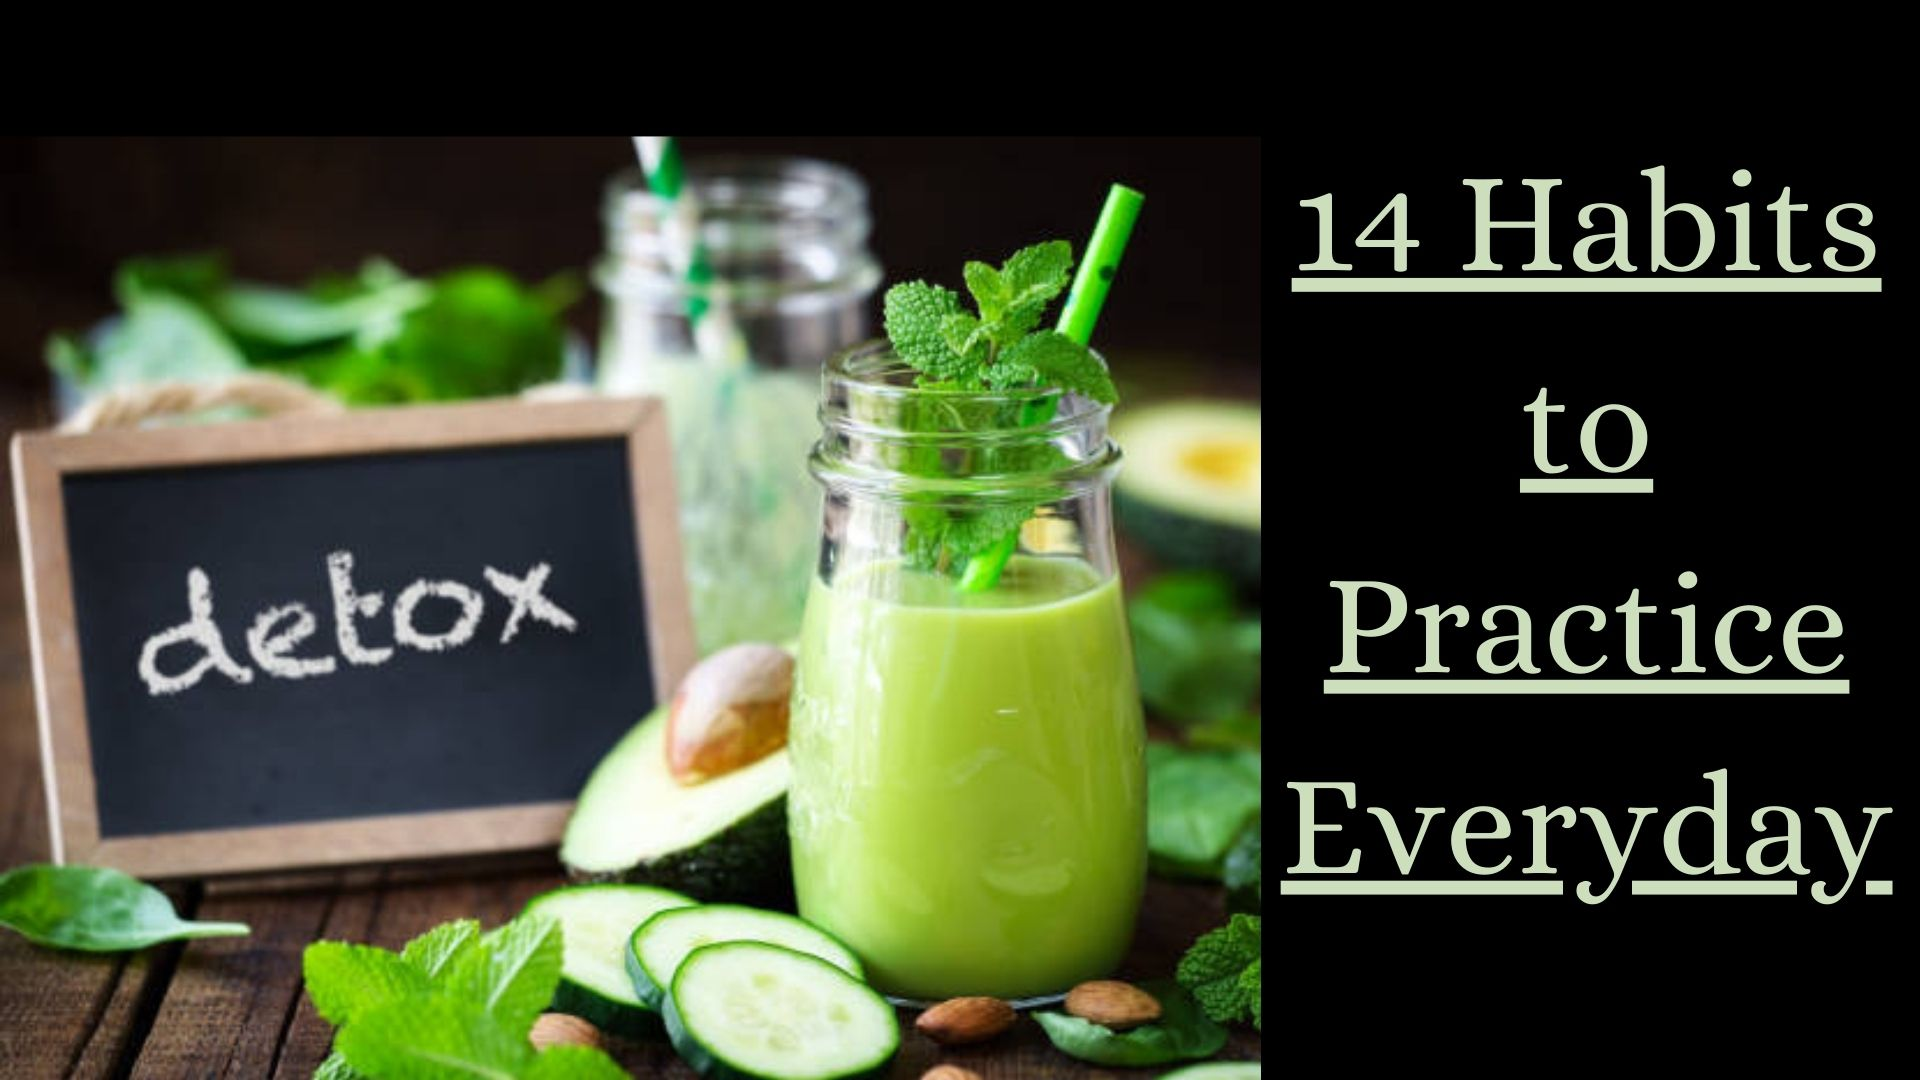 detox your body everyday